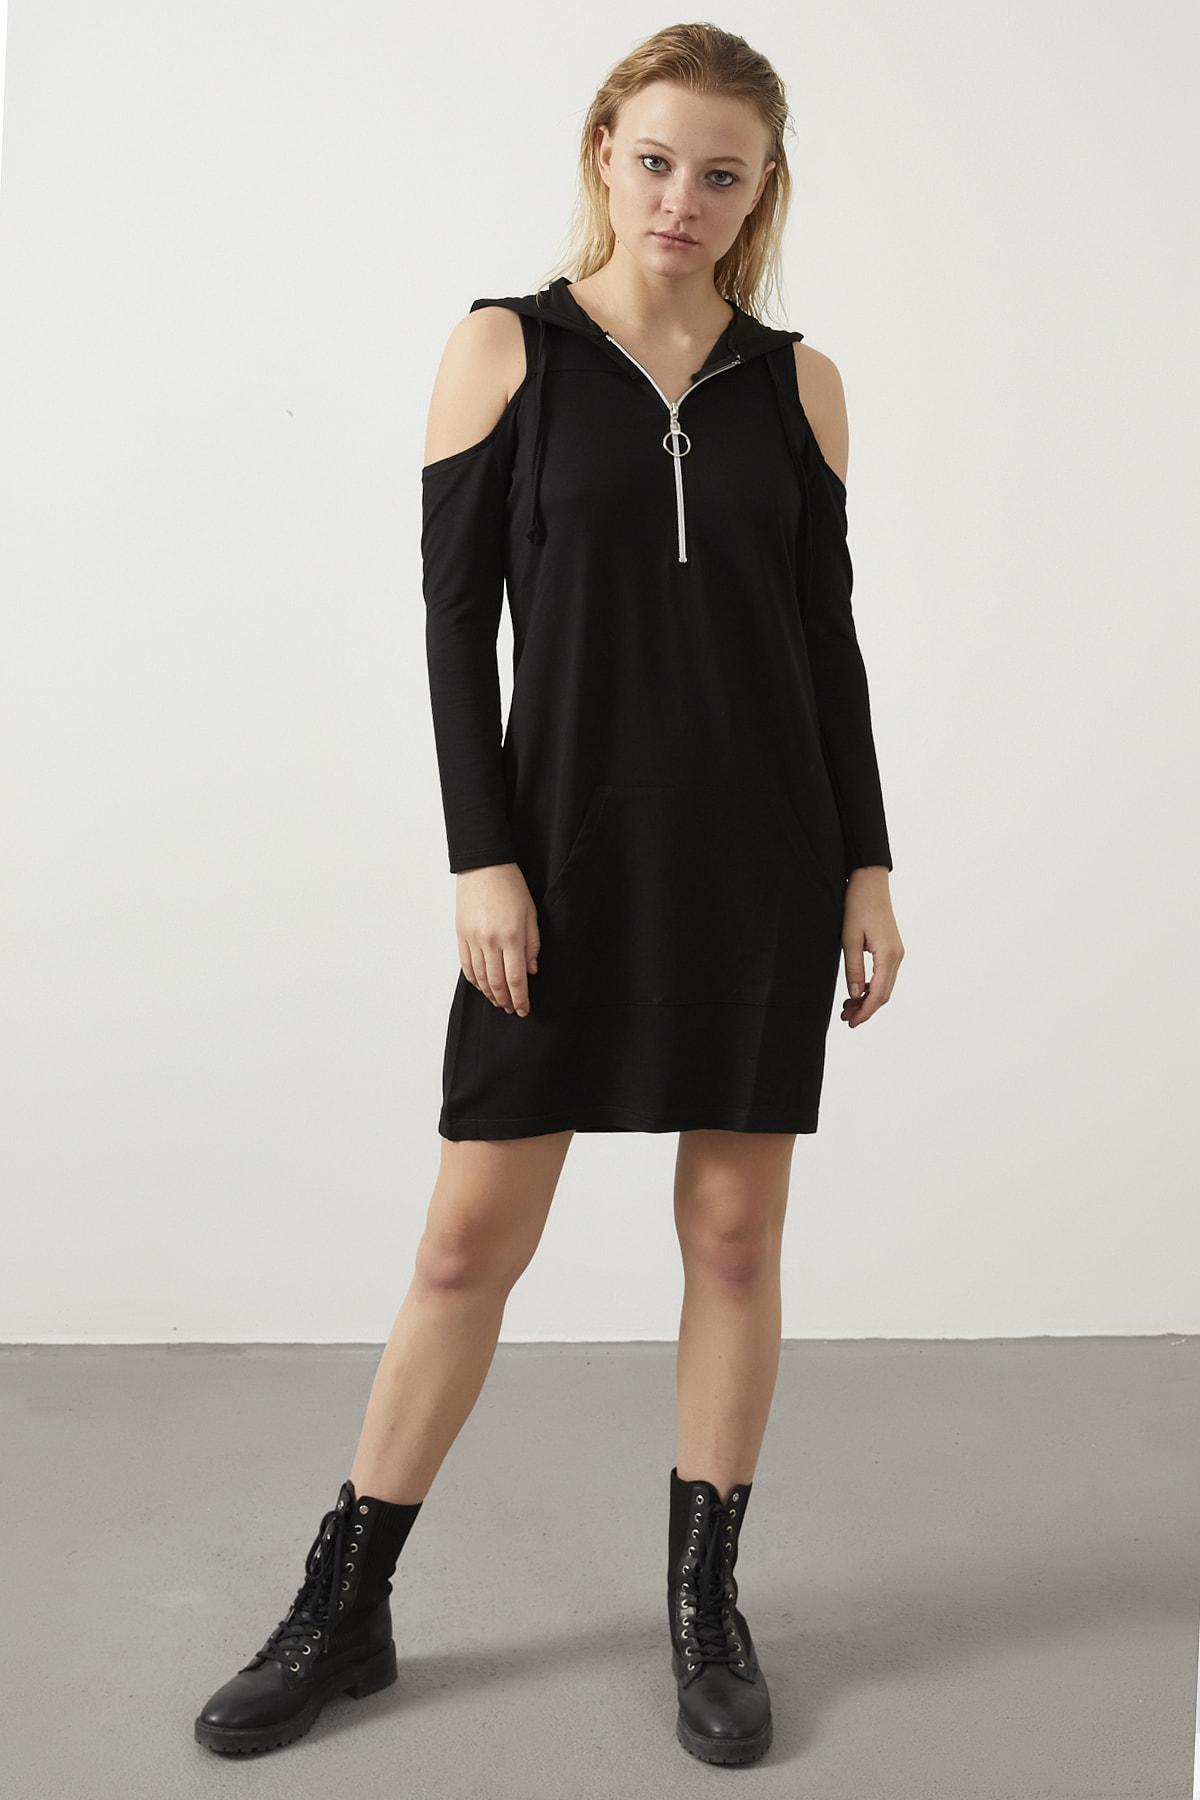 ELBİSENN Kadın Siyah Omuz Dekolteli Kapüşonlu Spor Elbise 1